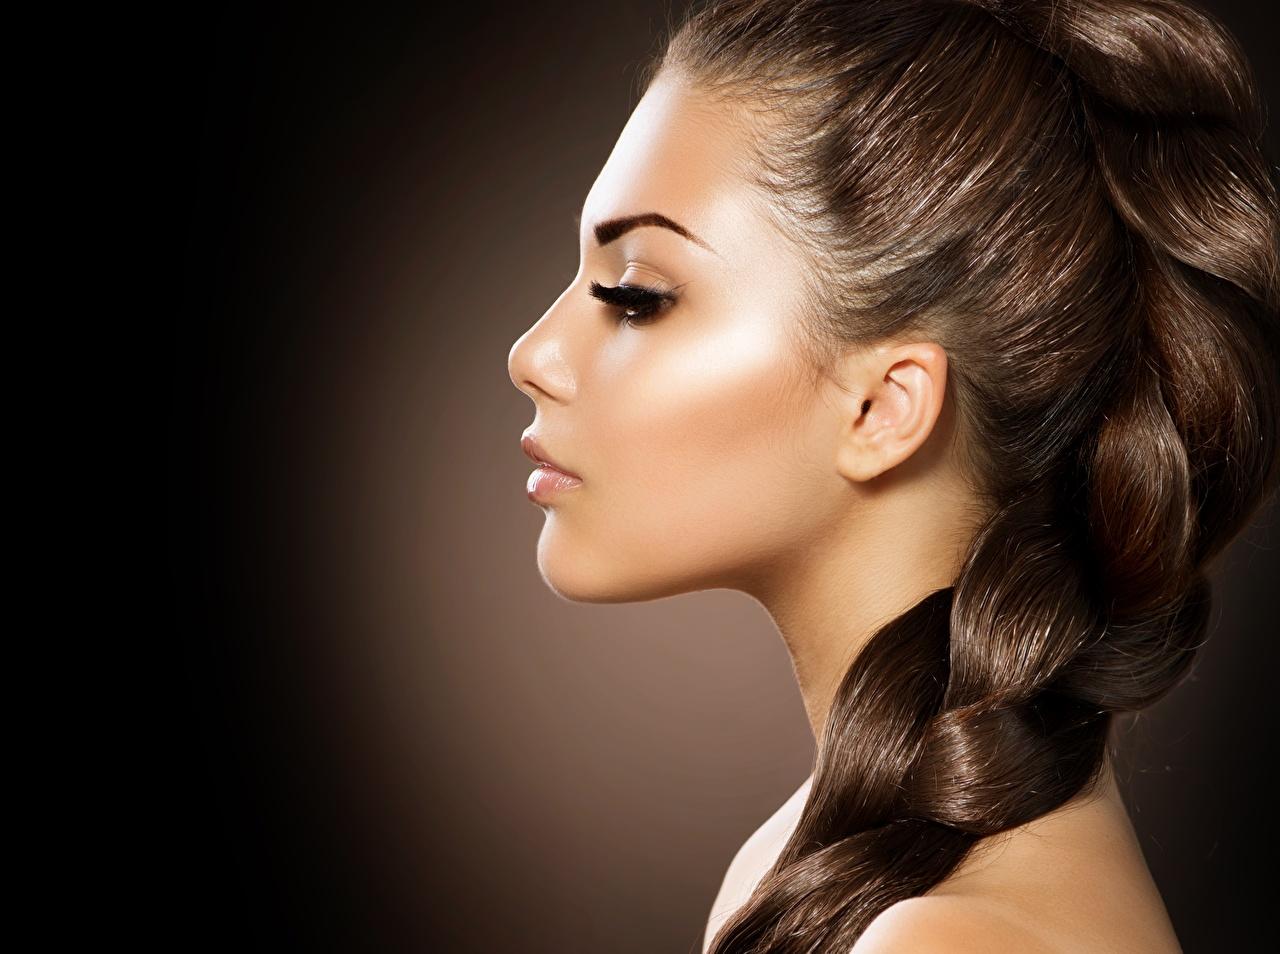 Fotos von Braune Haare Zopf Model Schminke hübsch Haar Gesicht Mädchens Braunhaarige Make Up Schön schöne hübsche schöner schönes hübscher junge frau junge Frauen